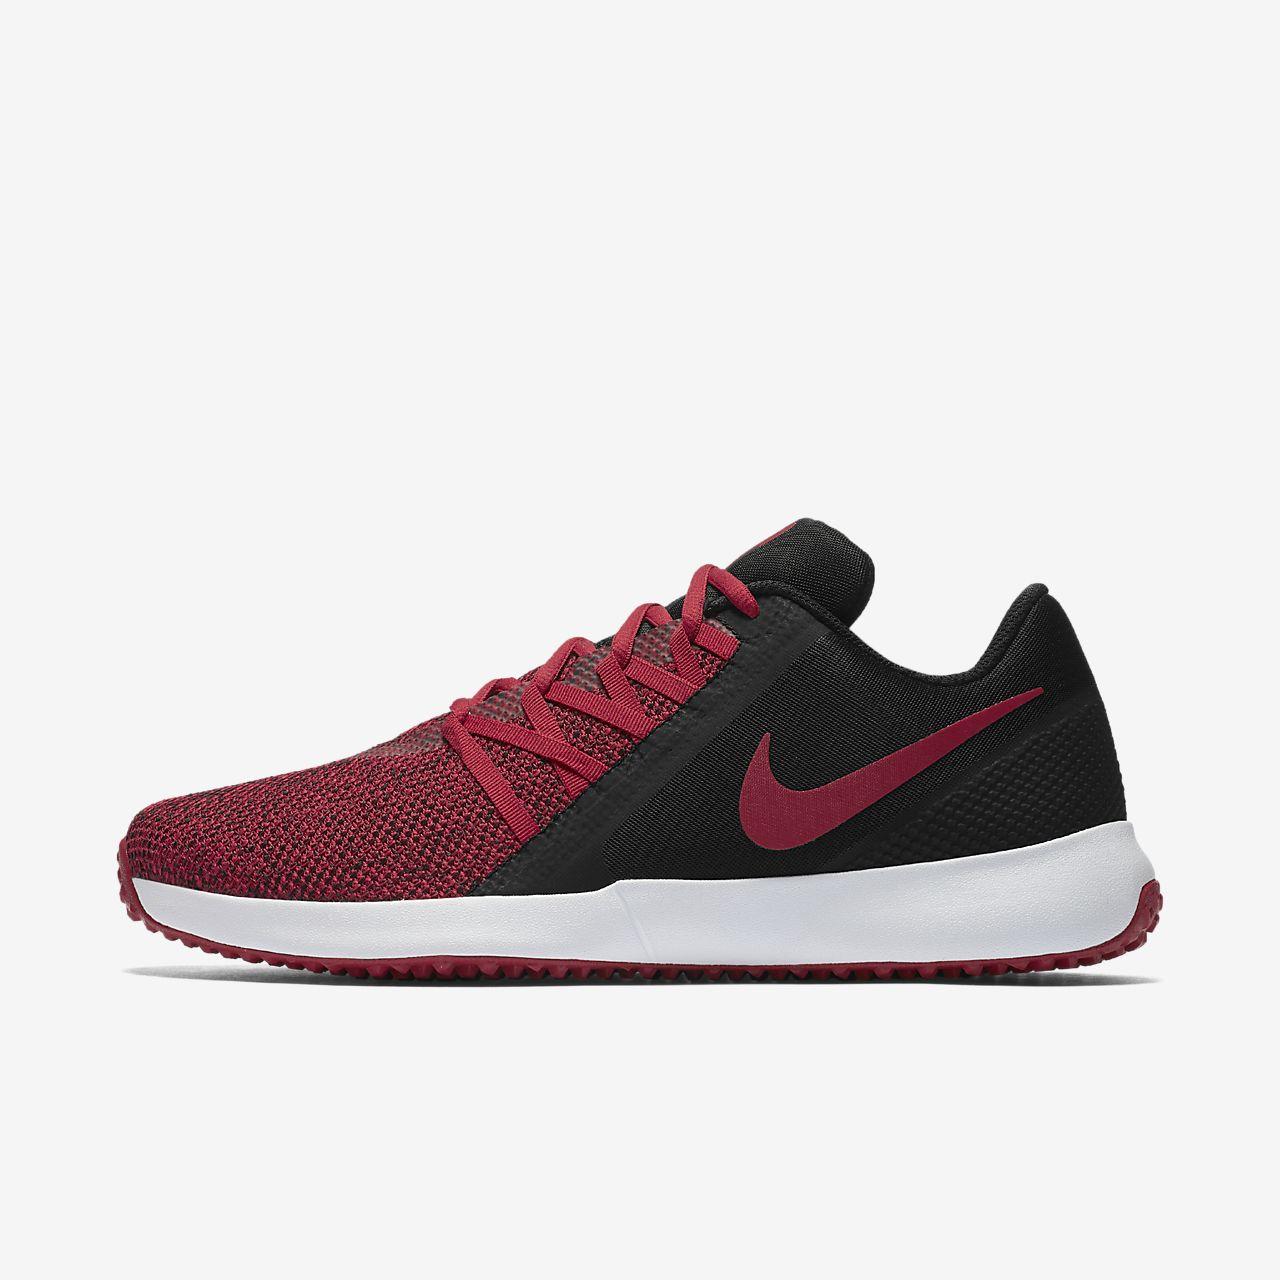 Nike Trainer 1 Low Black / Anthracite / Black - Livraison Gratuite avec - Chaussures Chaussures-de-sport Homme